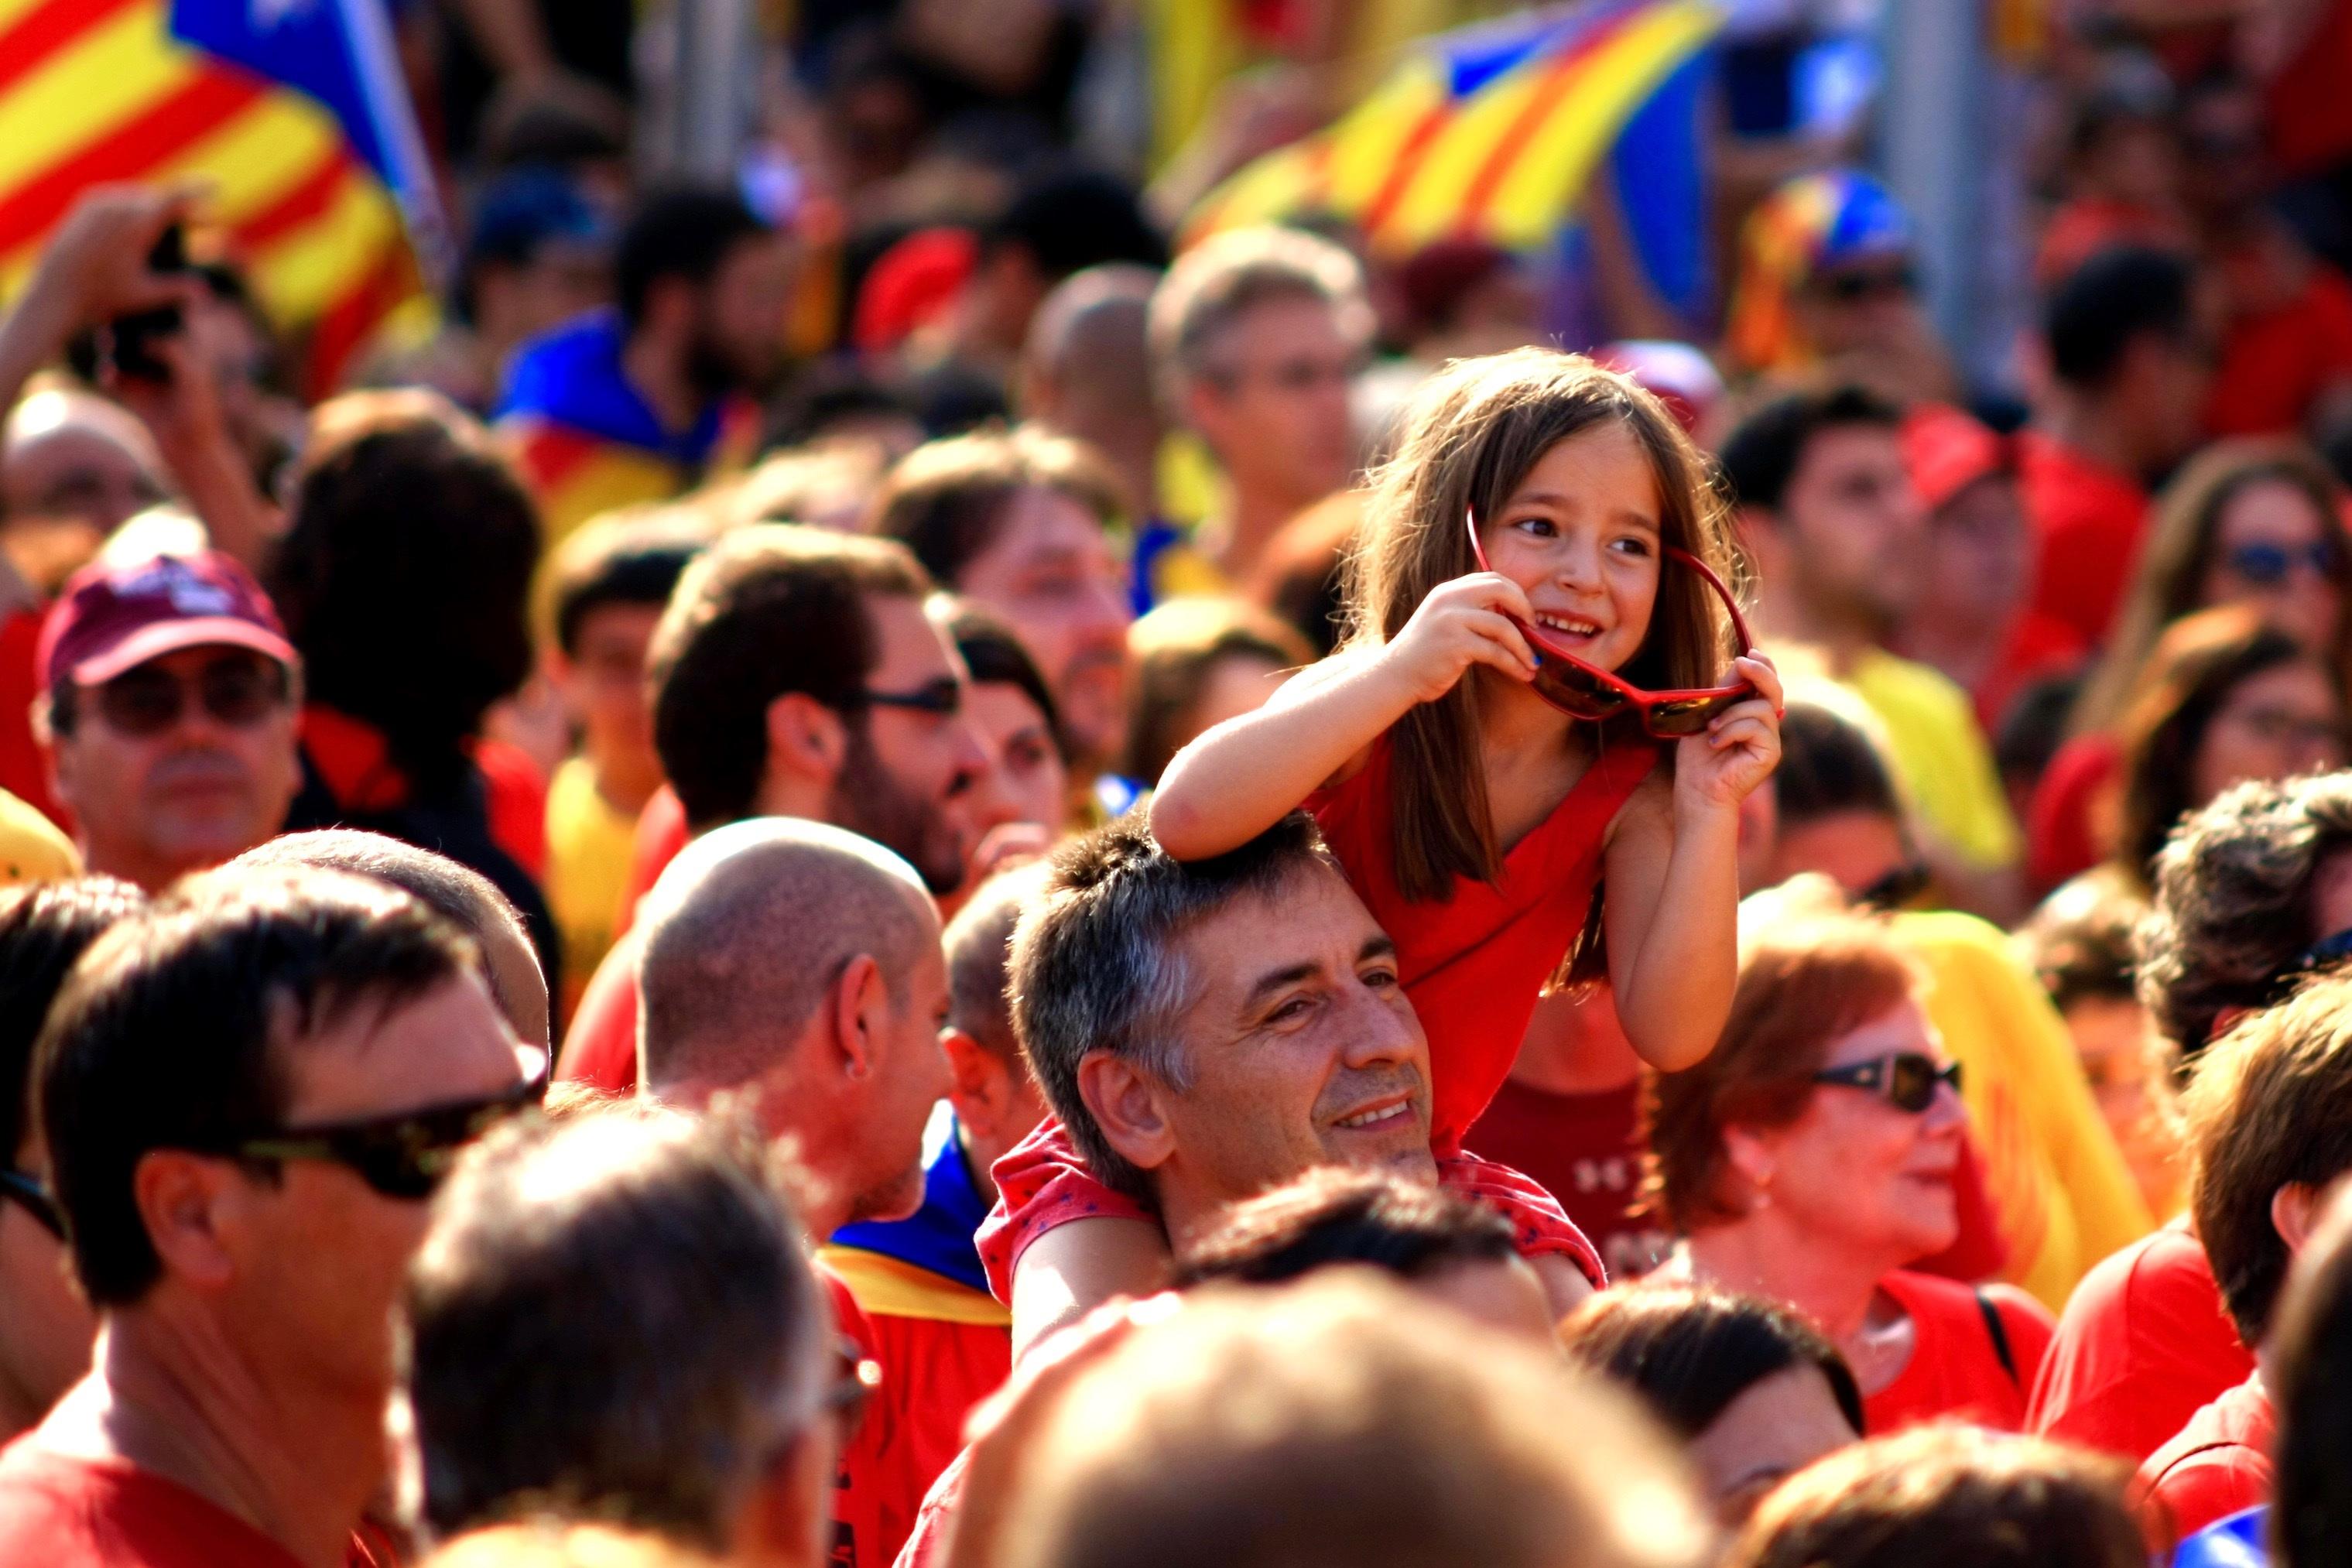 nasa crowd images - HD3039×2026